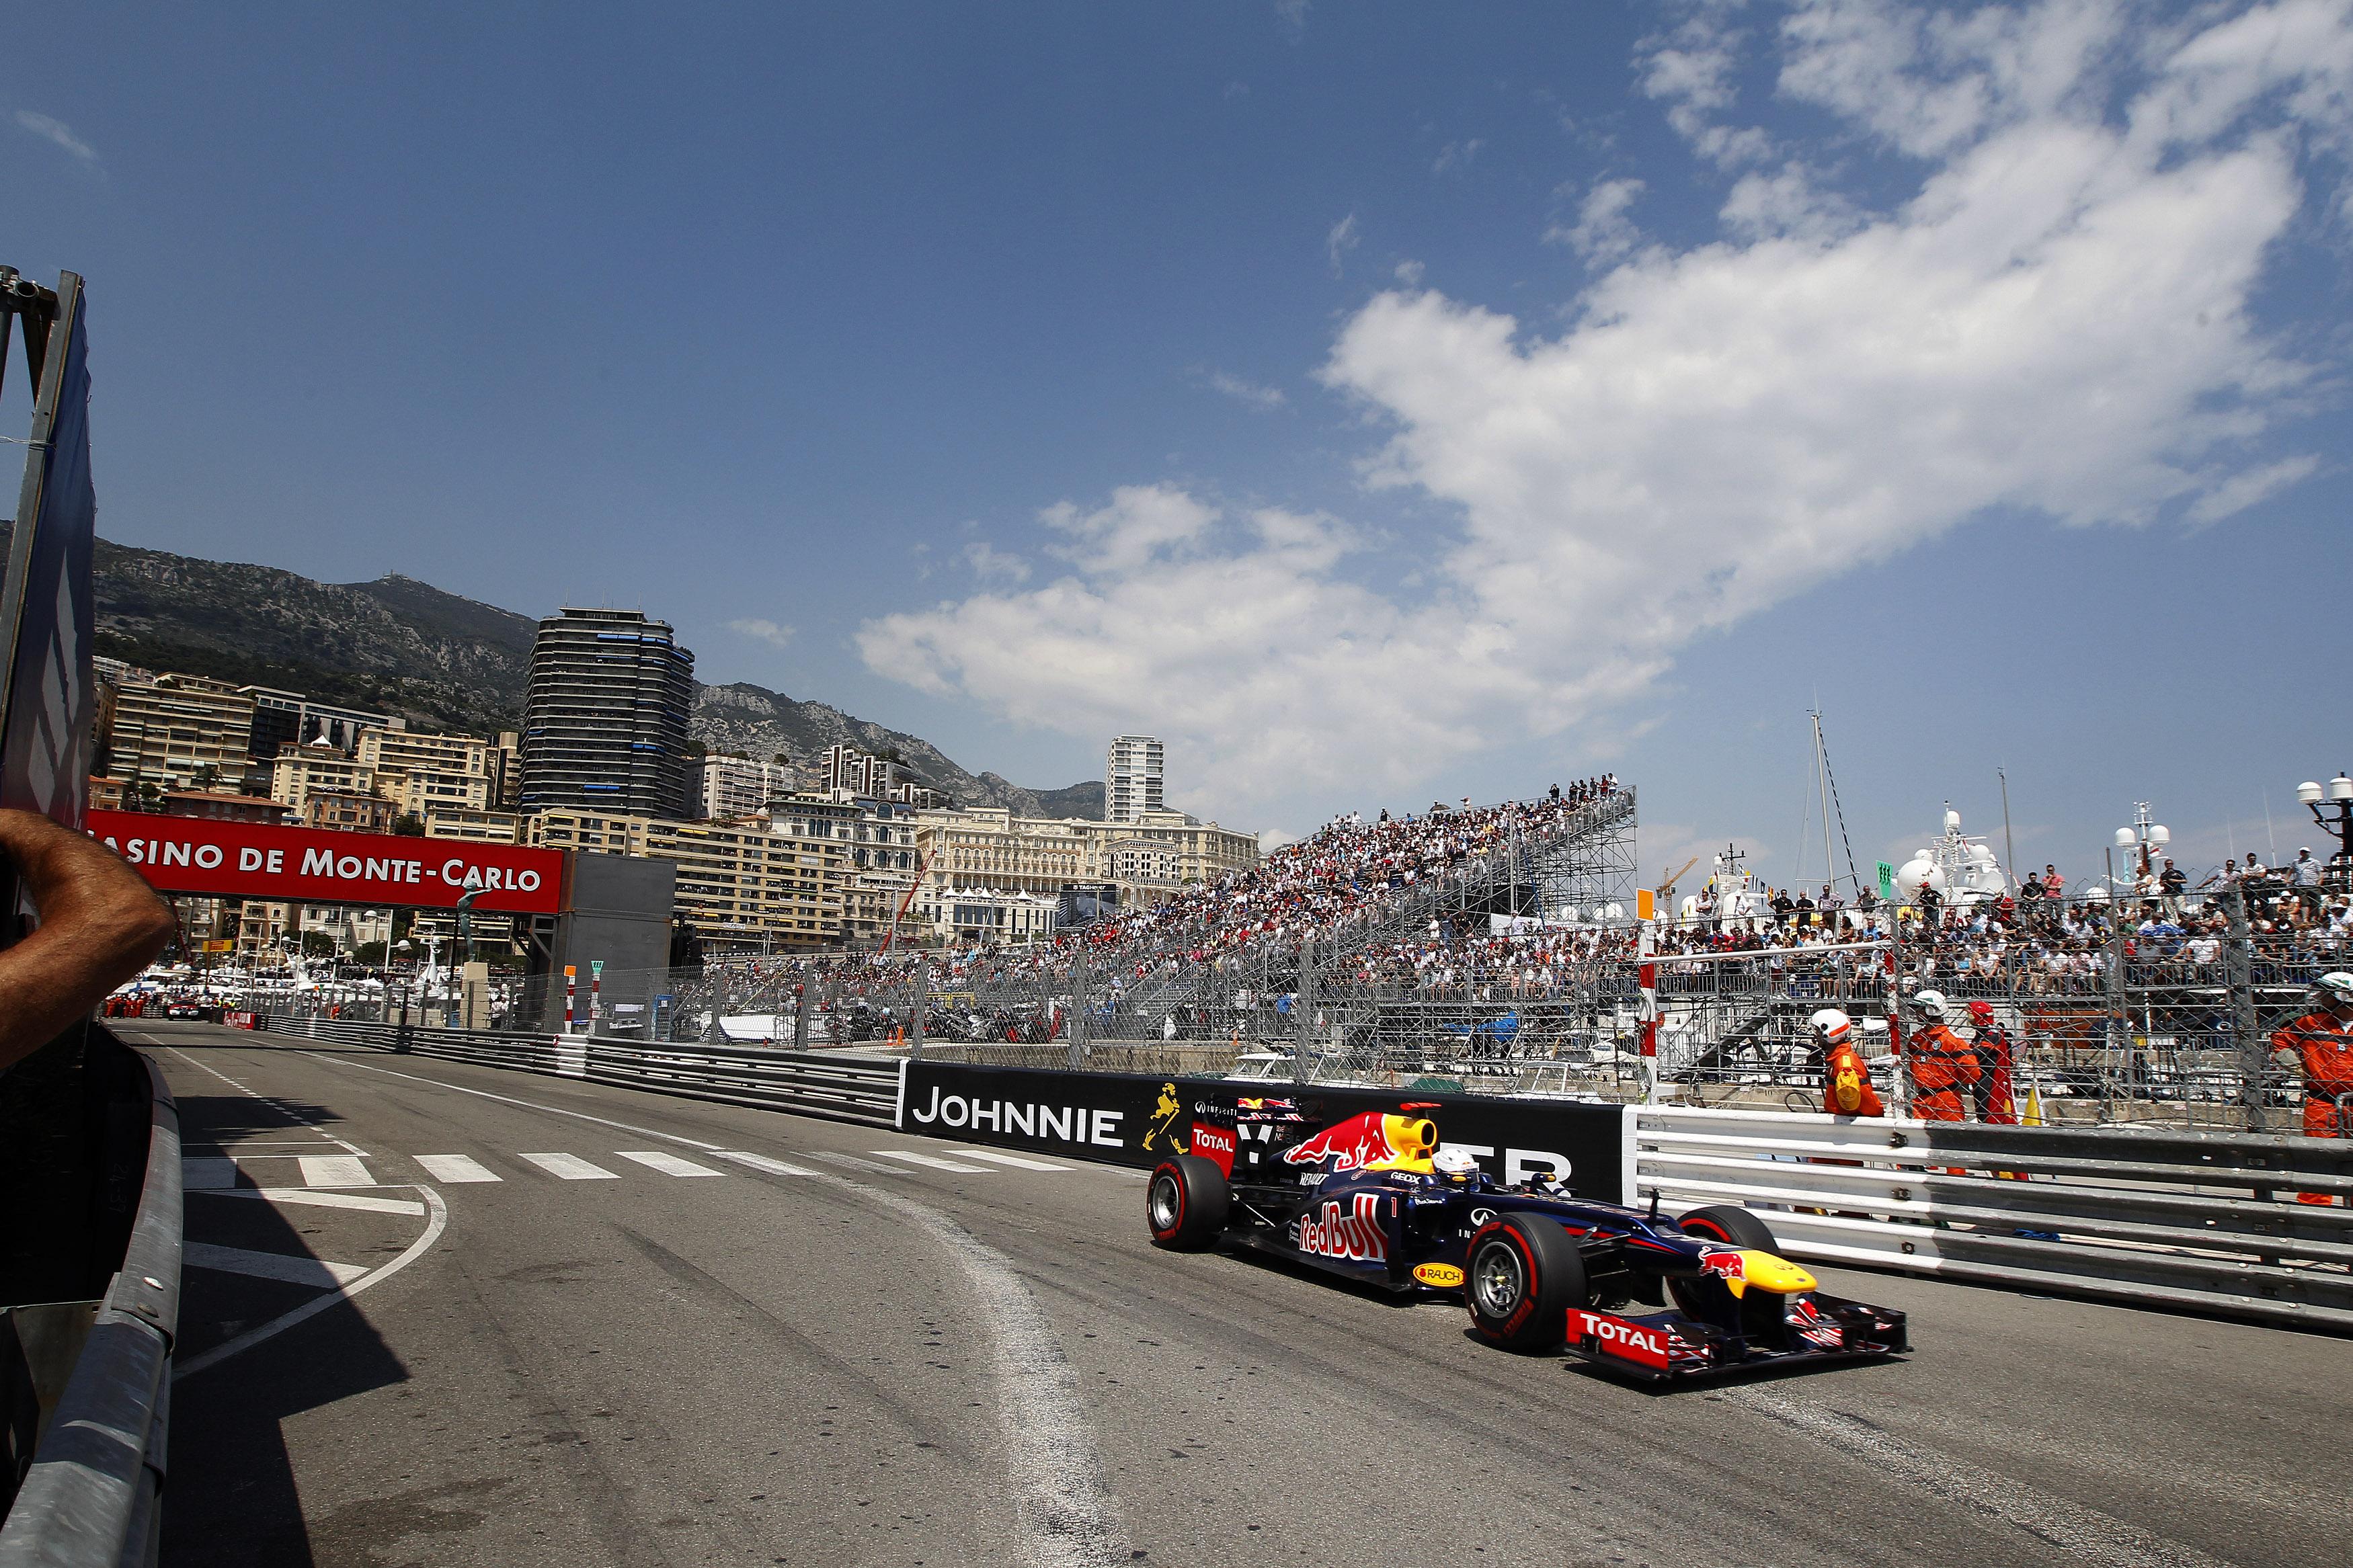 F1 - MONACO GRAND PRIX 2012